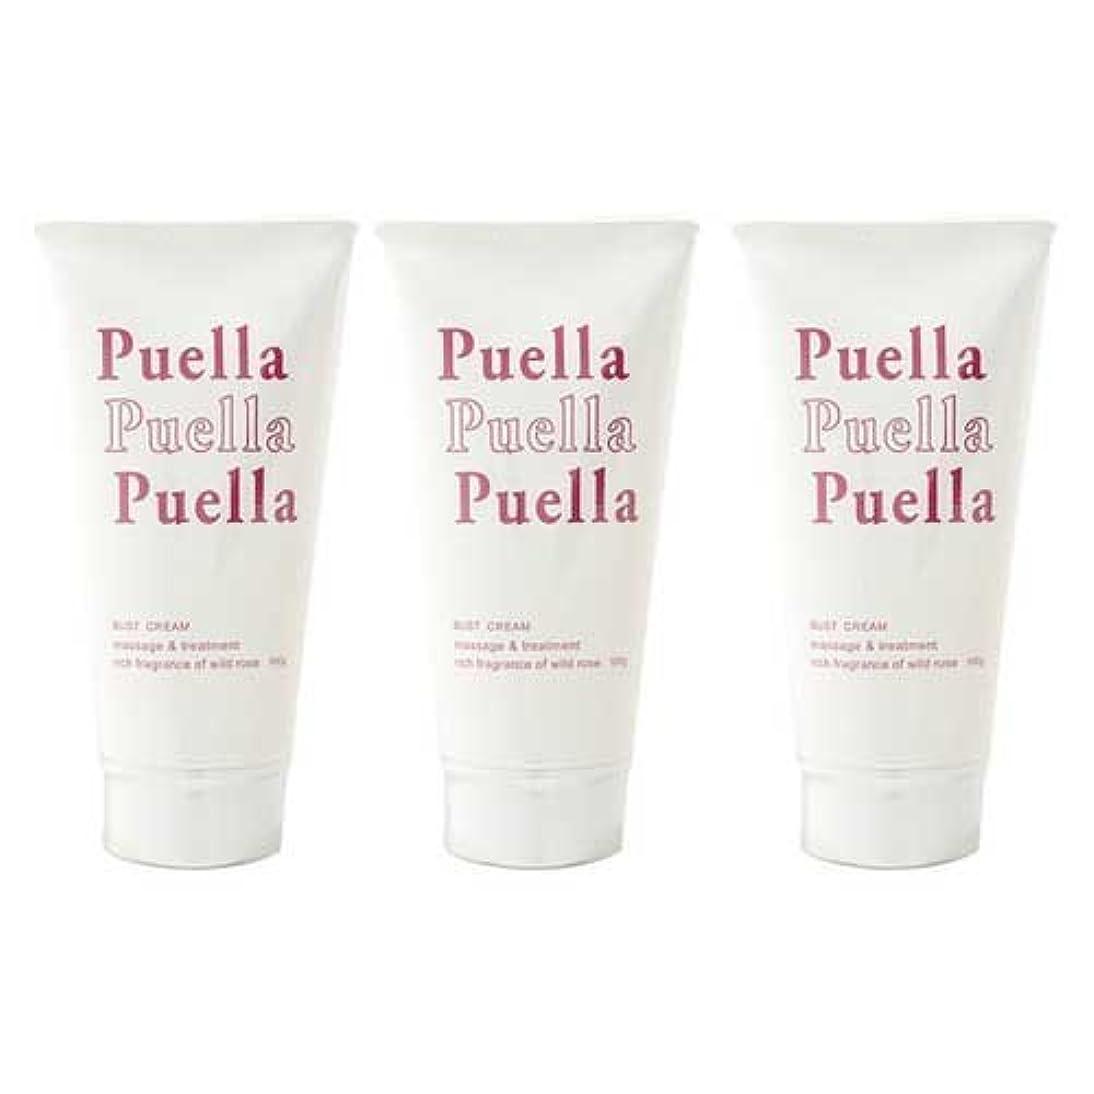 死ジーンズ寛容な3個セット puella(プエルラ)